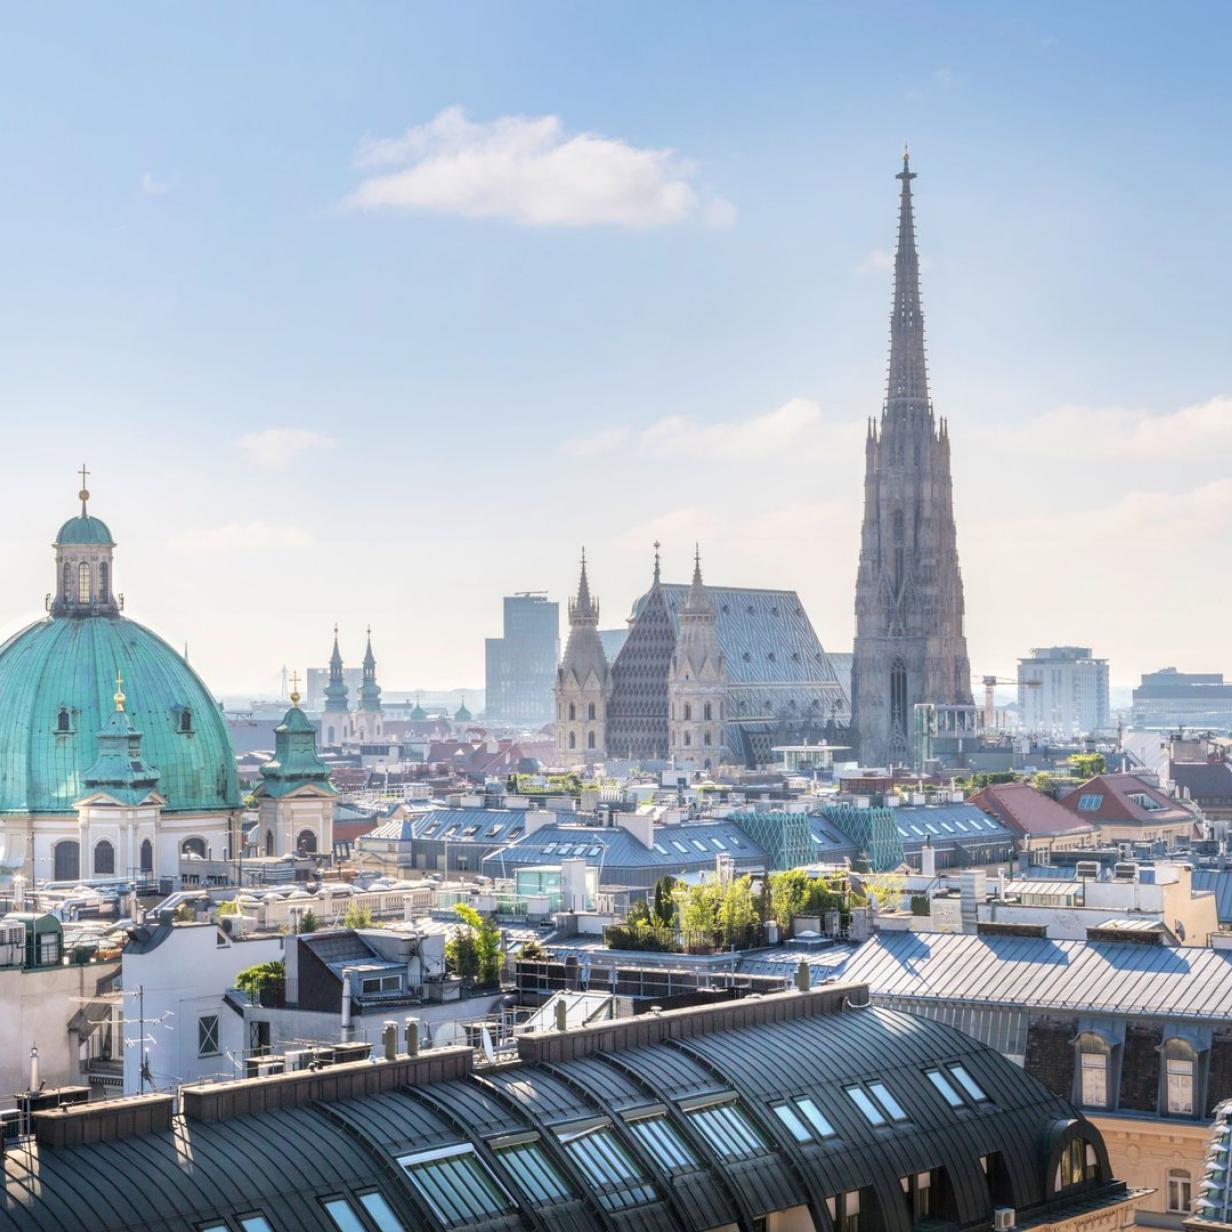 Reiseziele: Wien als beste Stadt Europas auf Platz 4 weltweit